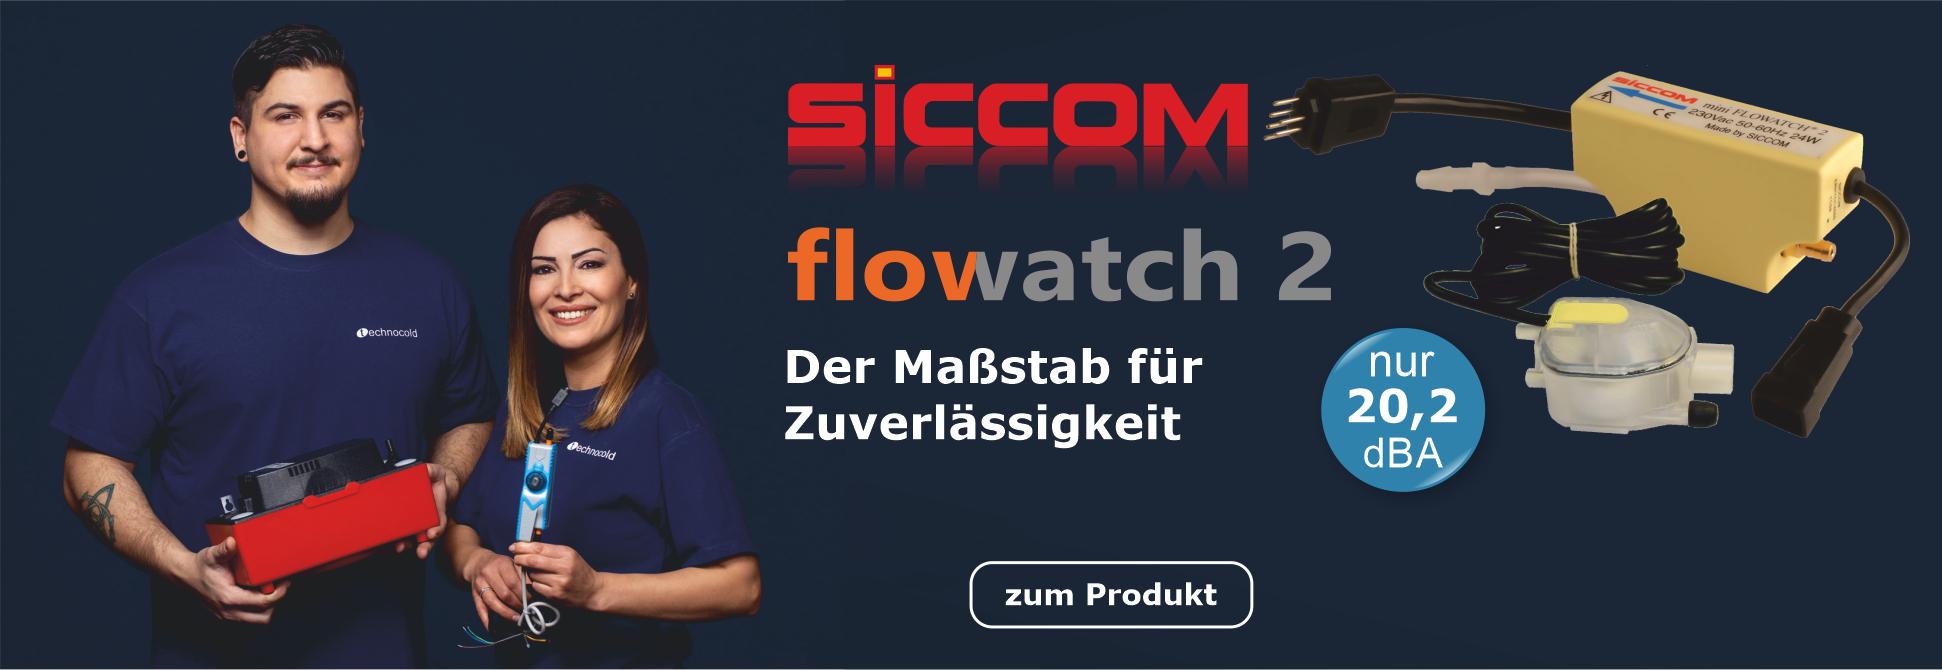 Banner Siccom FLowatch